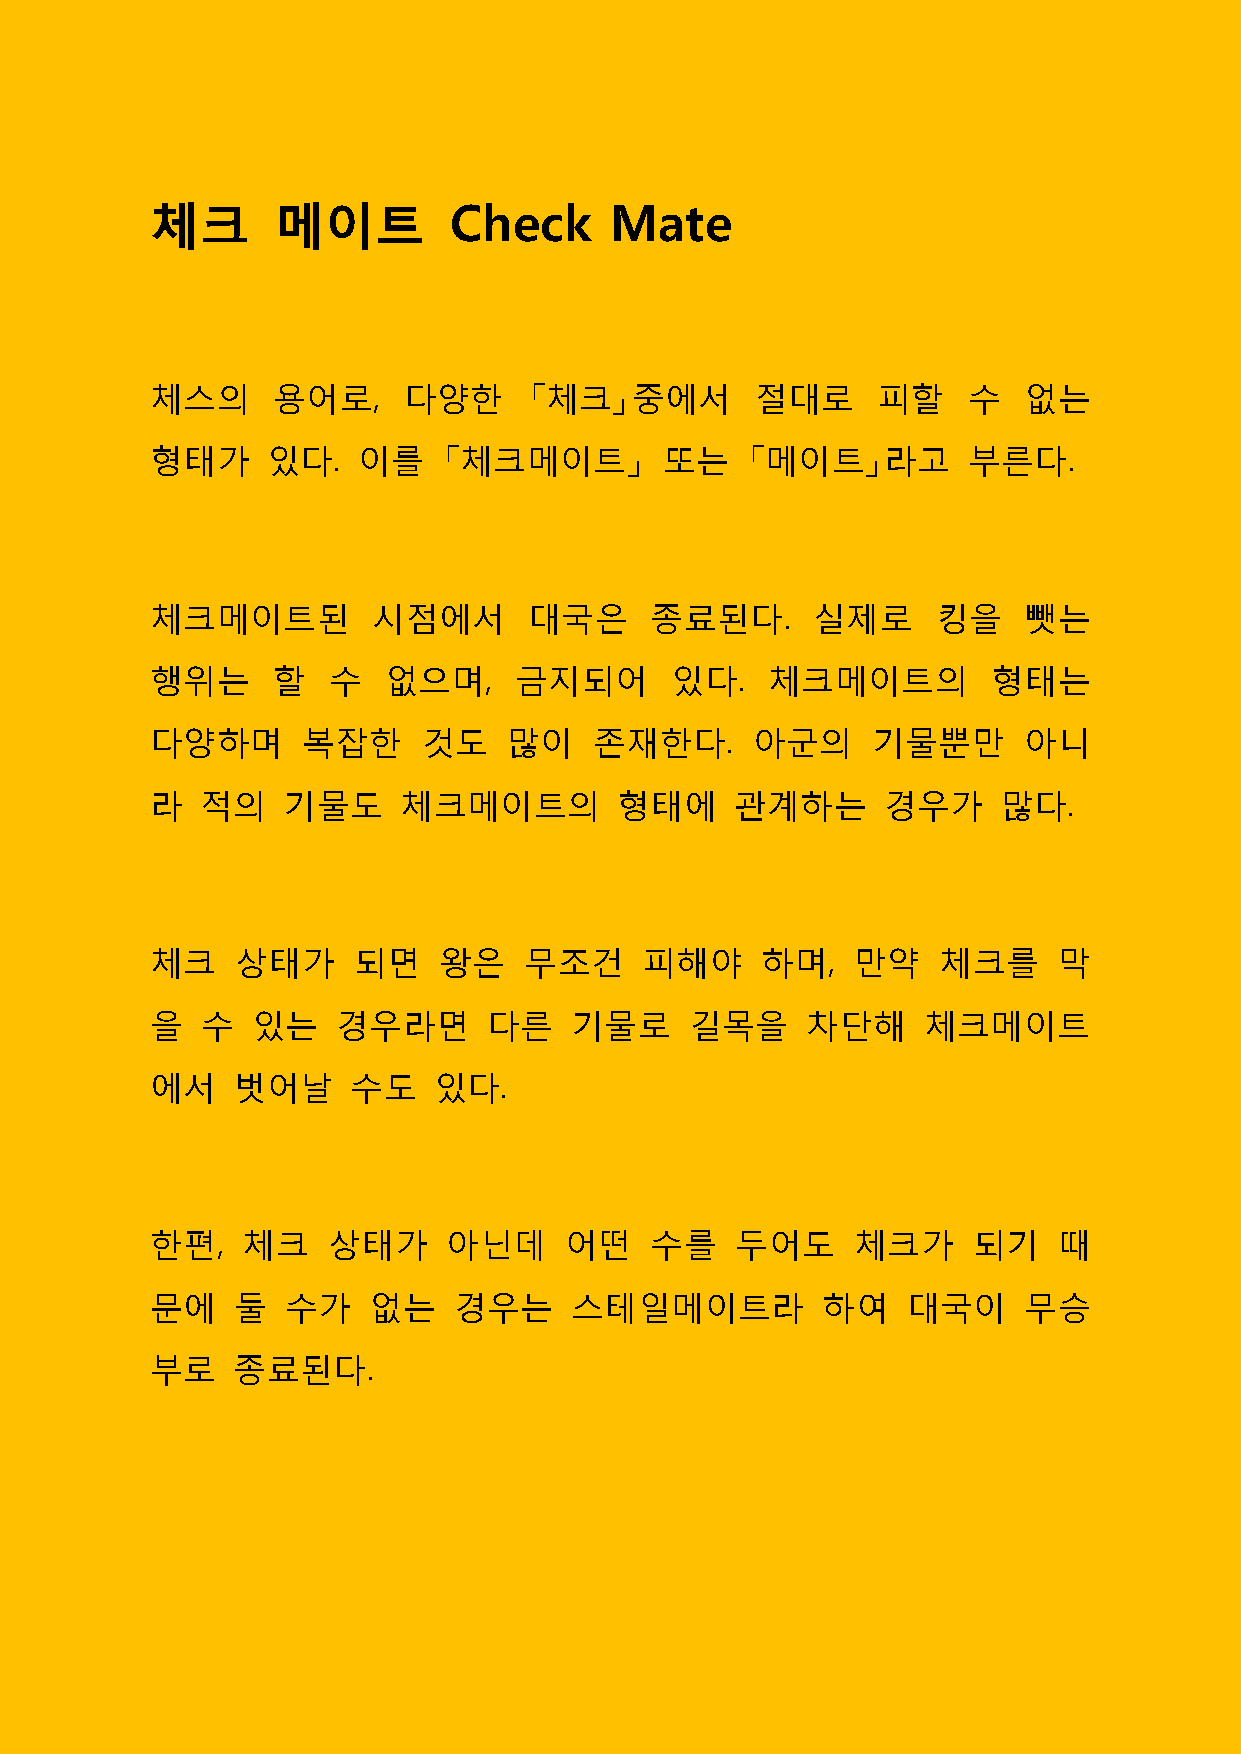 라이트닝_Page_02.png